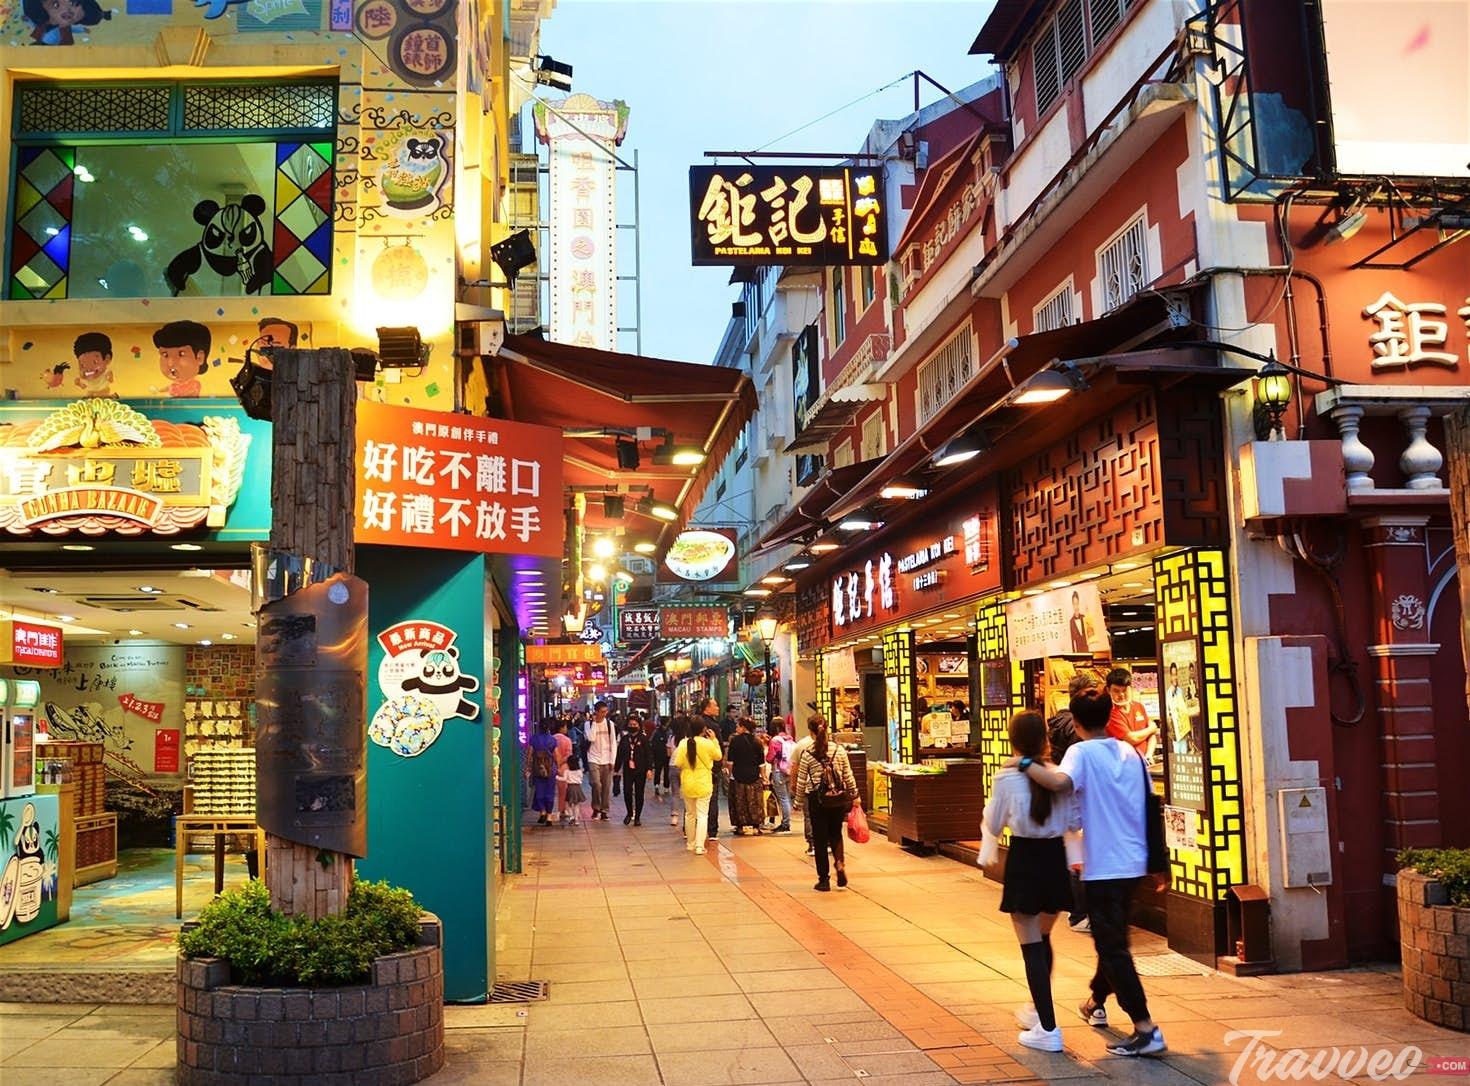 افضل 10 مراكز تسوق في ماكاو